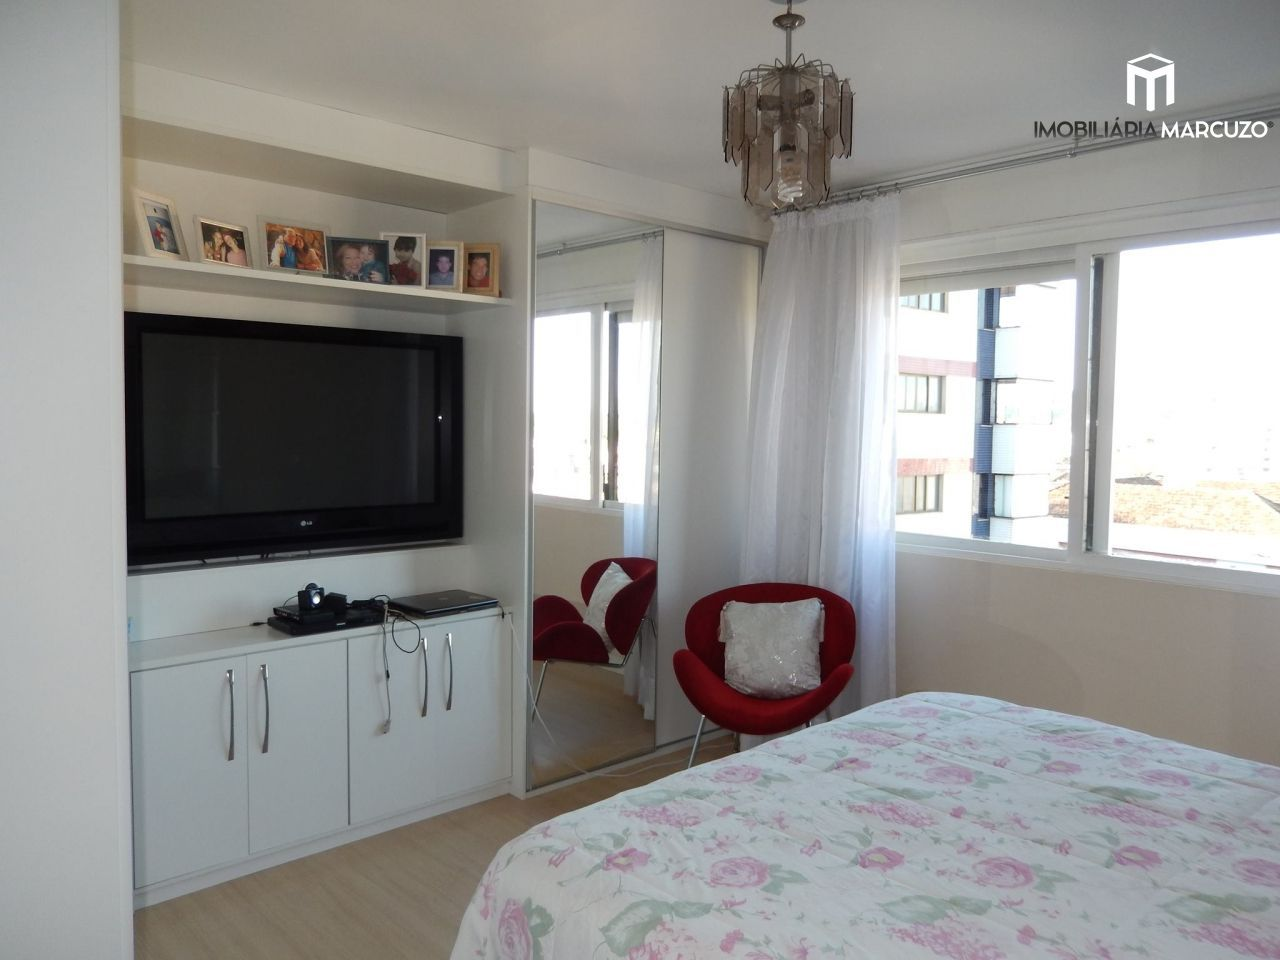 Apartamento com 5 Dormitórios à venda, 295 m² por R$ 850.000,00